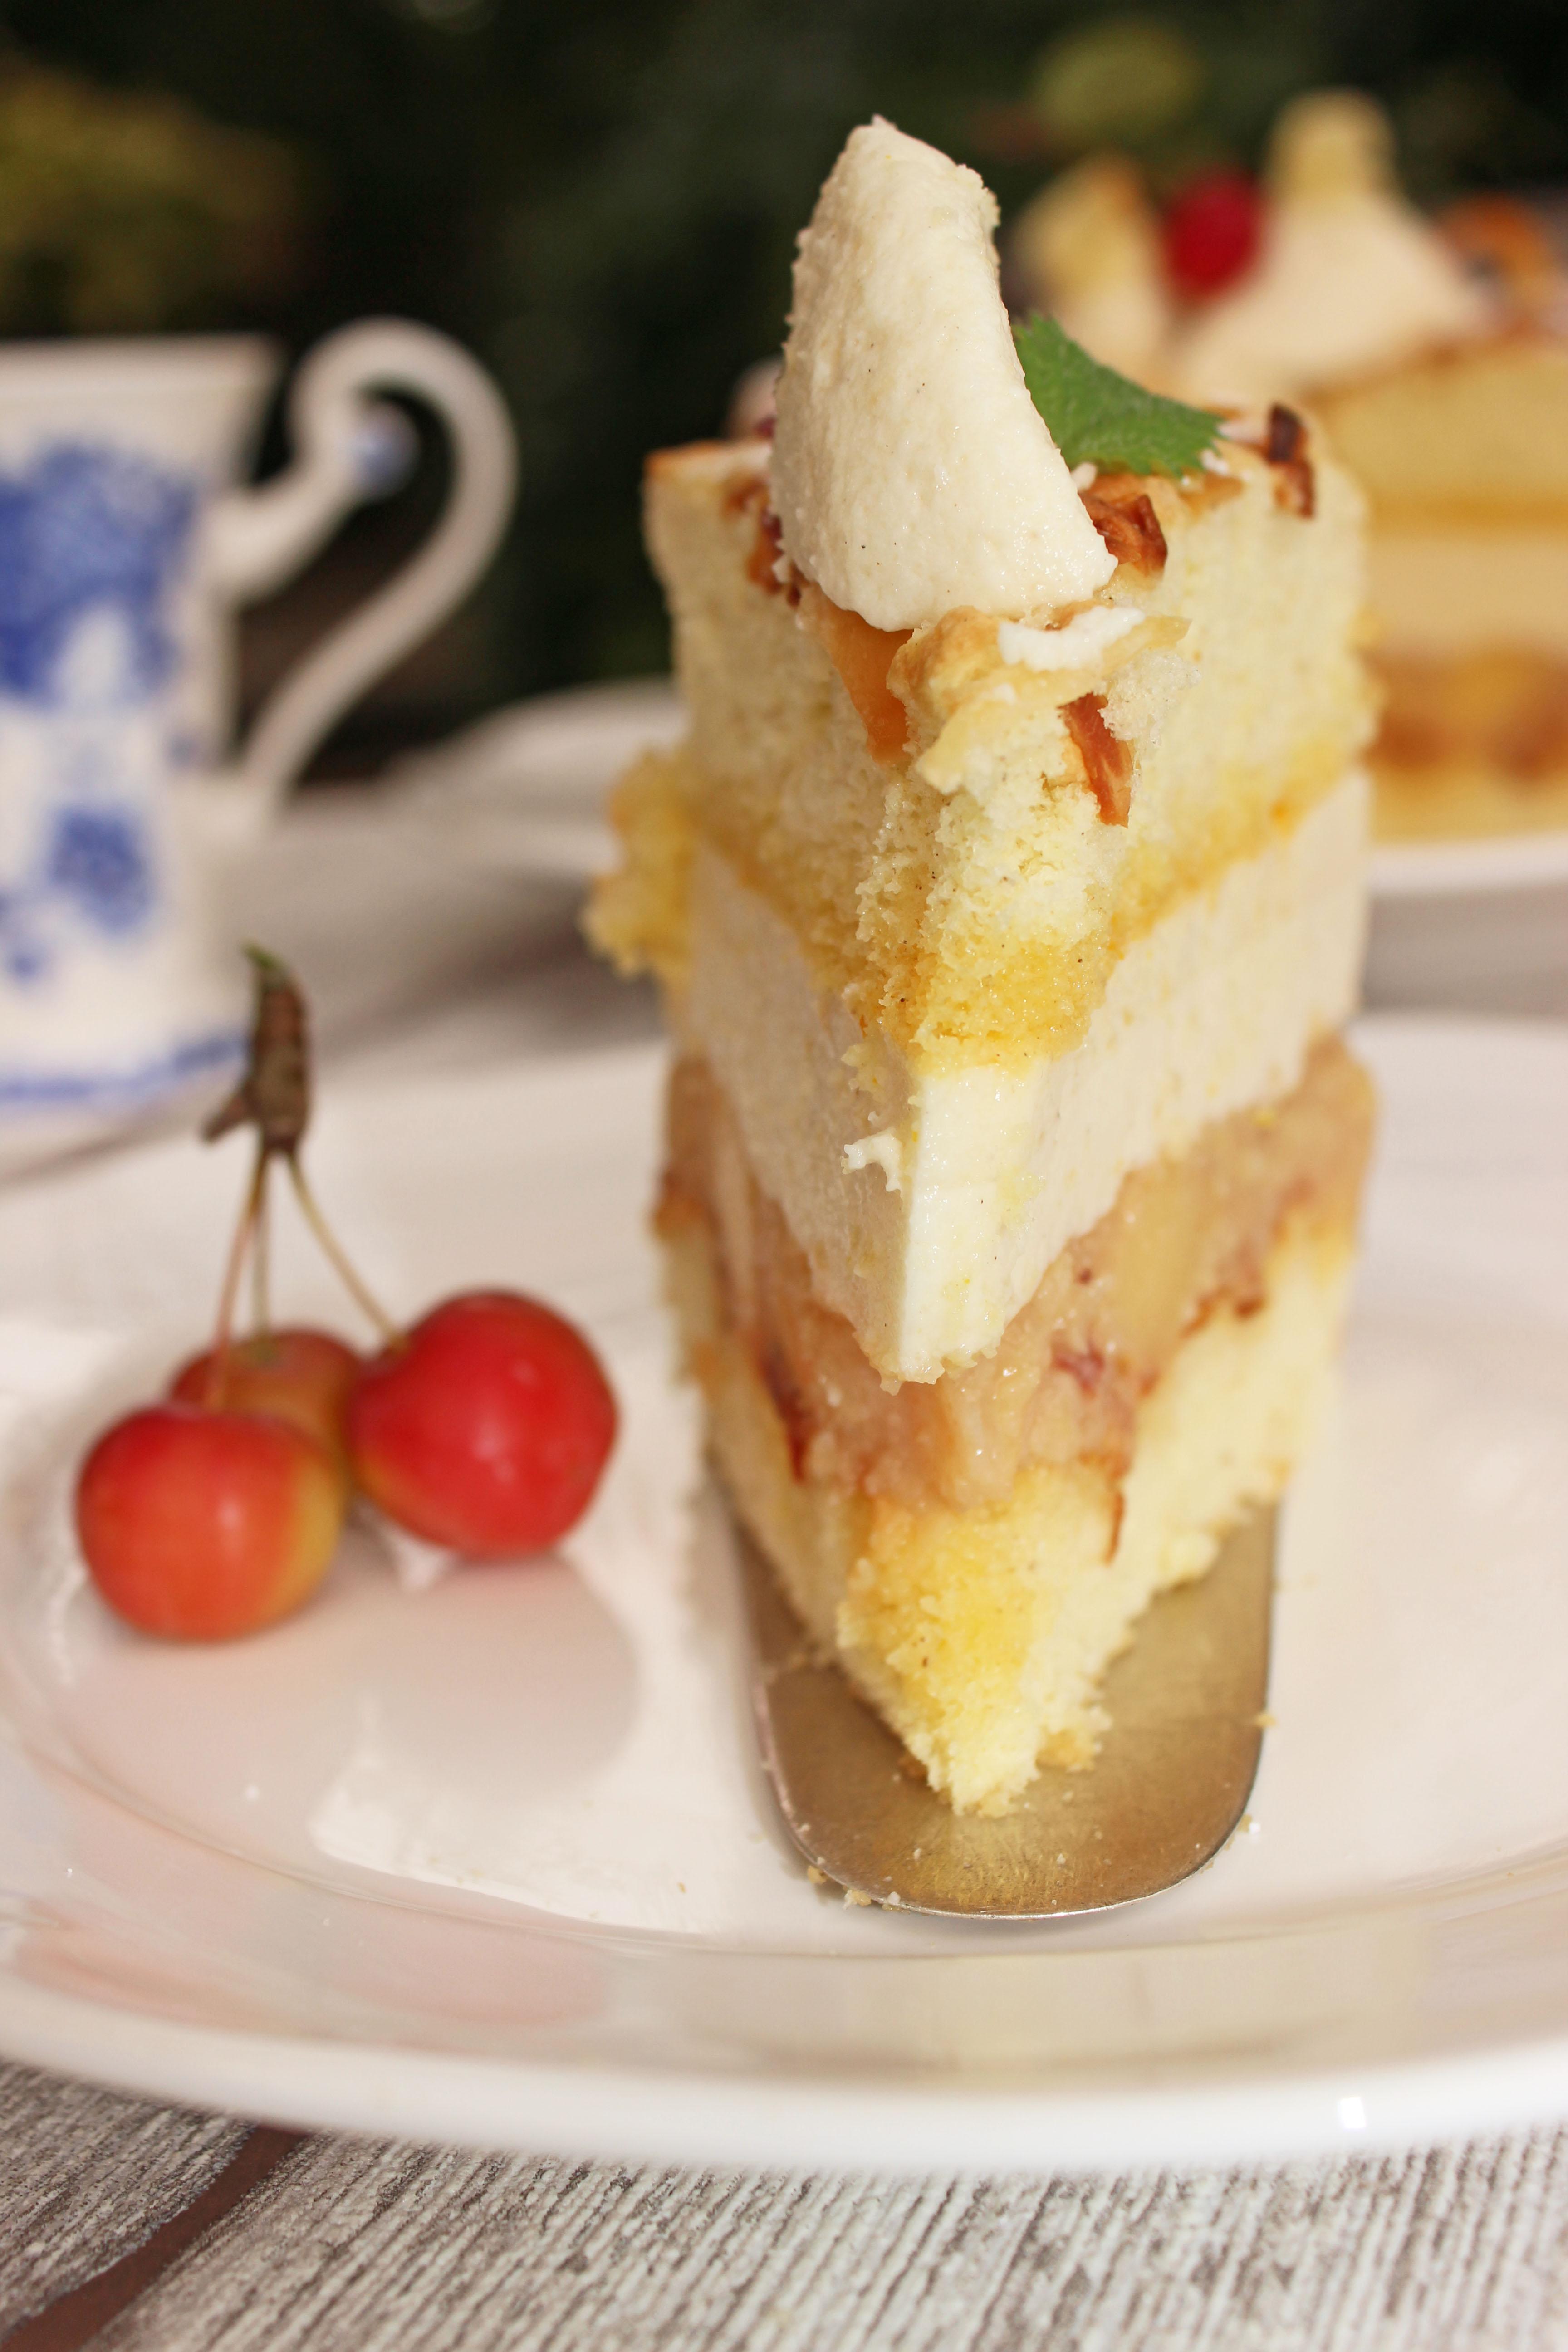 Apfel-Quitten-Torte